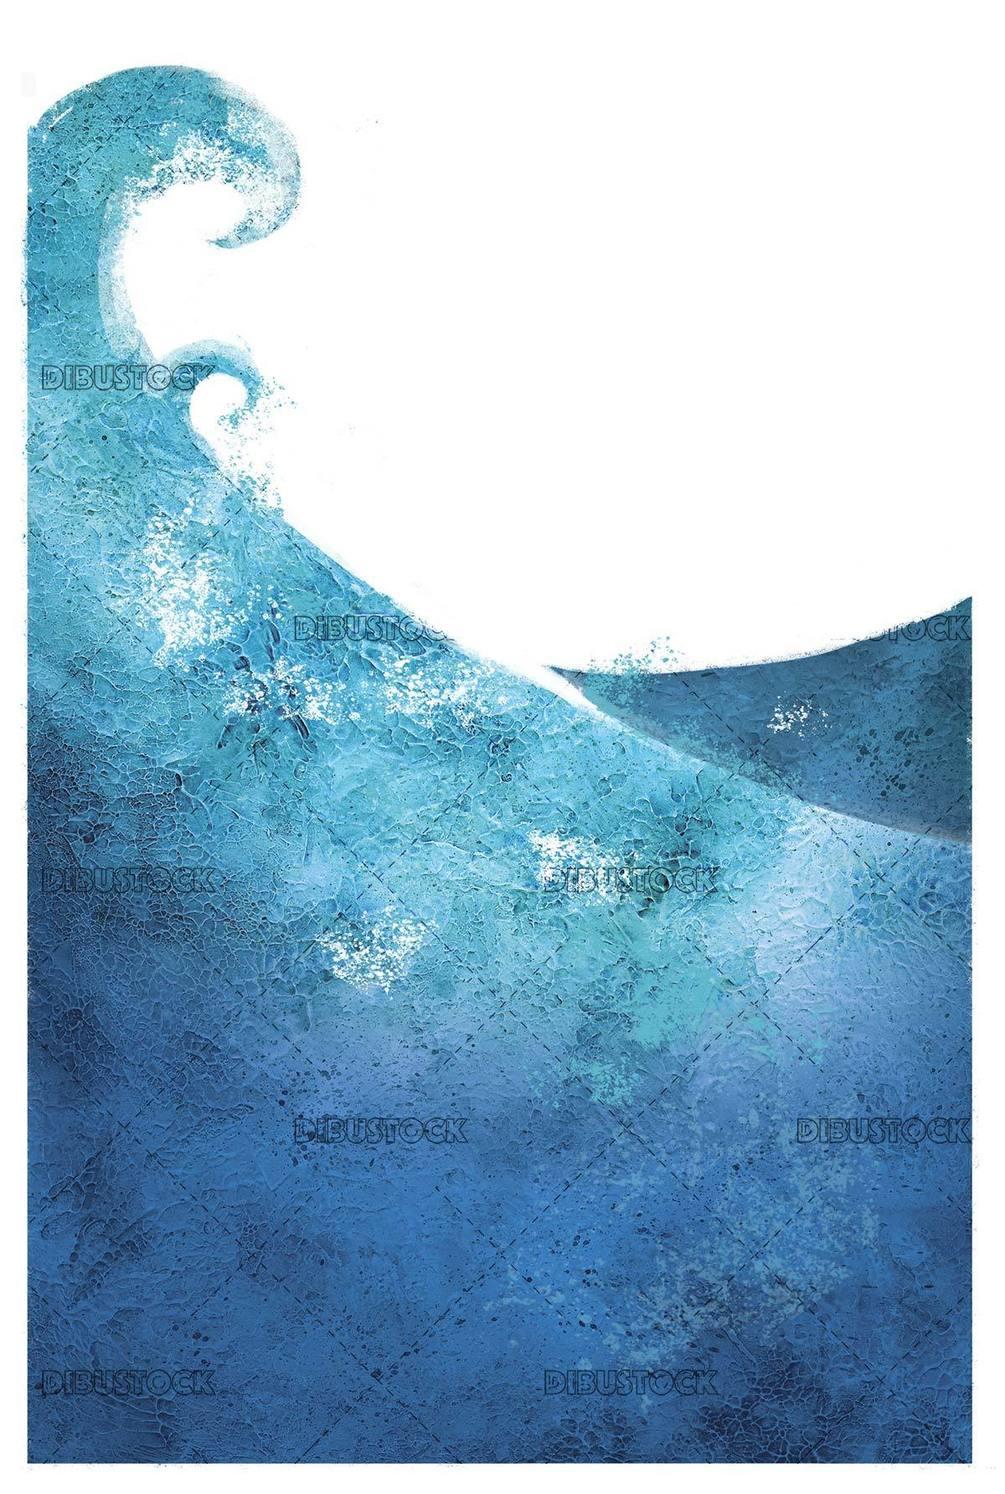 illustration of textured sea waves